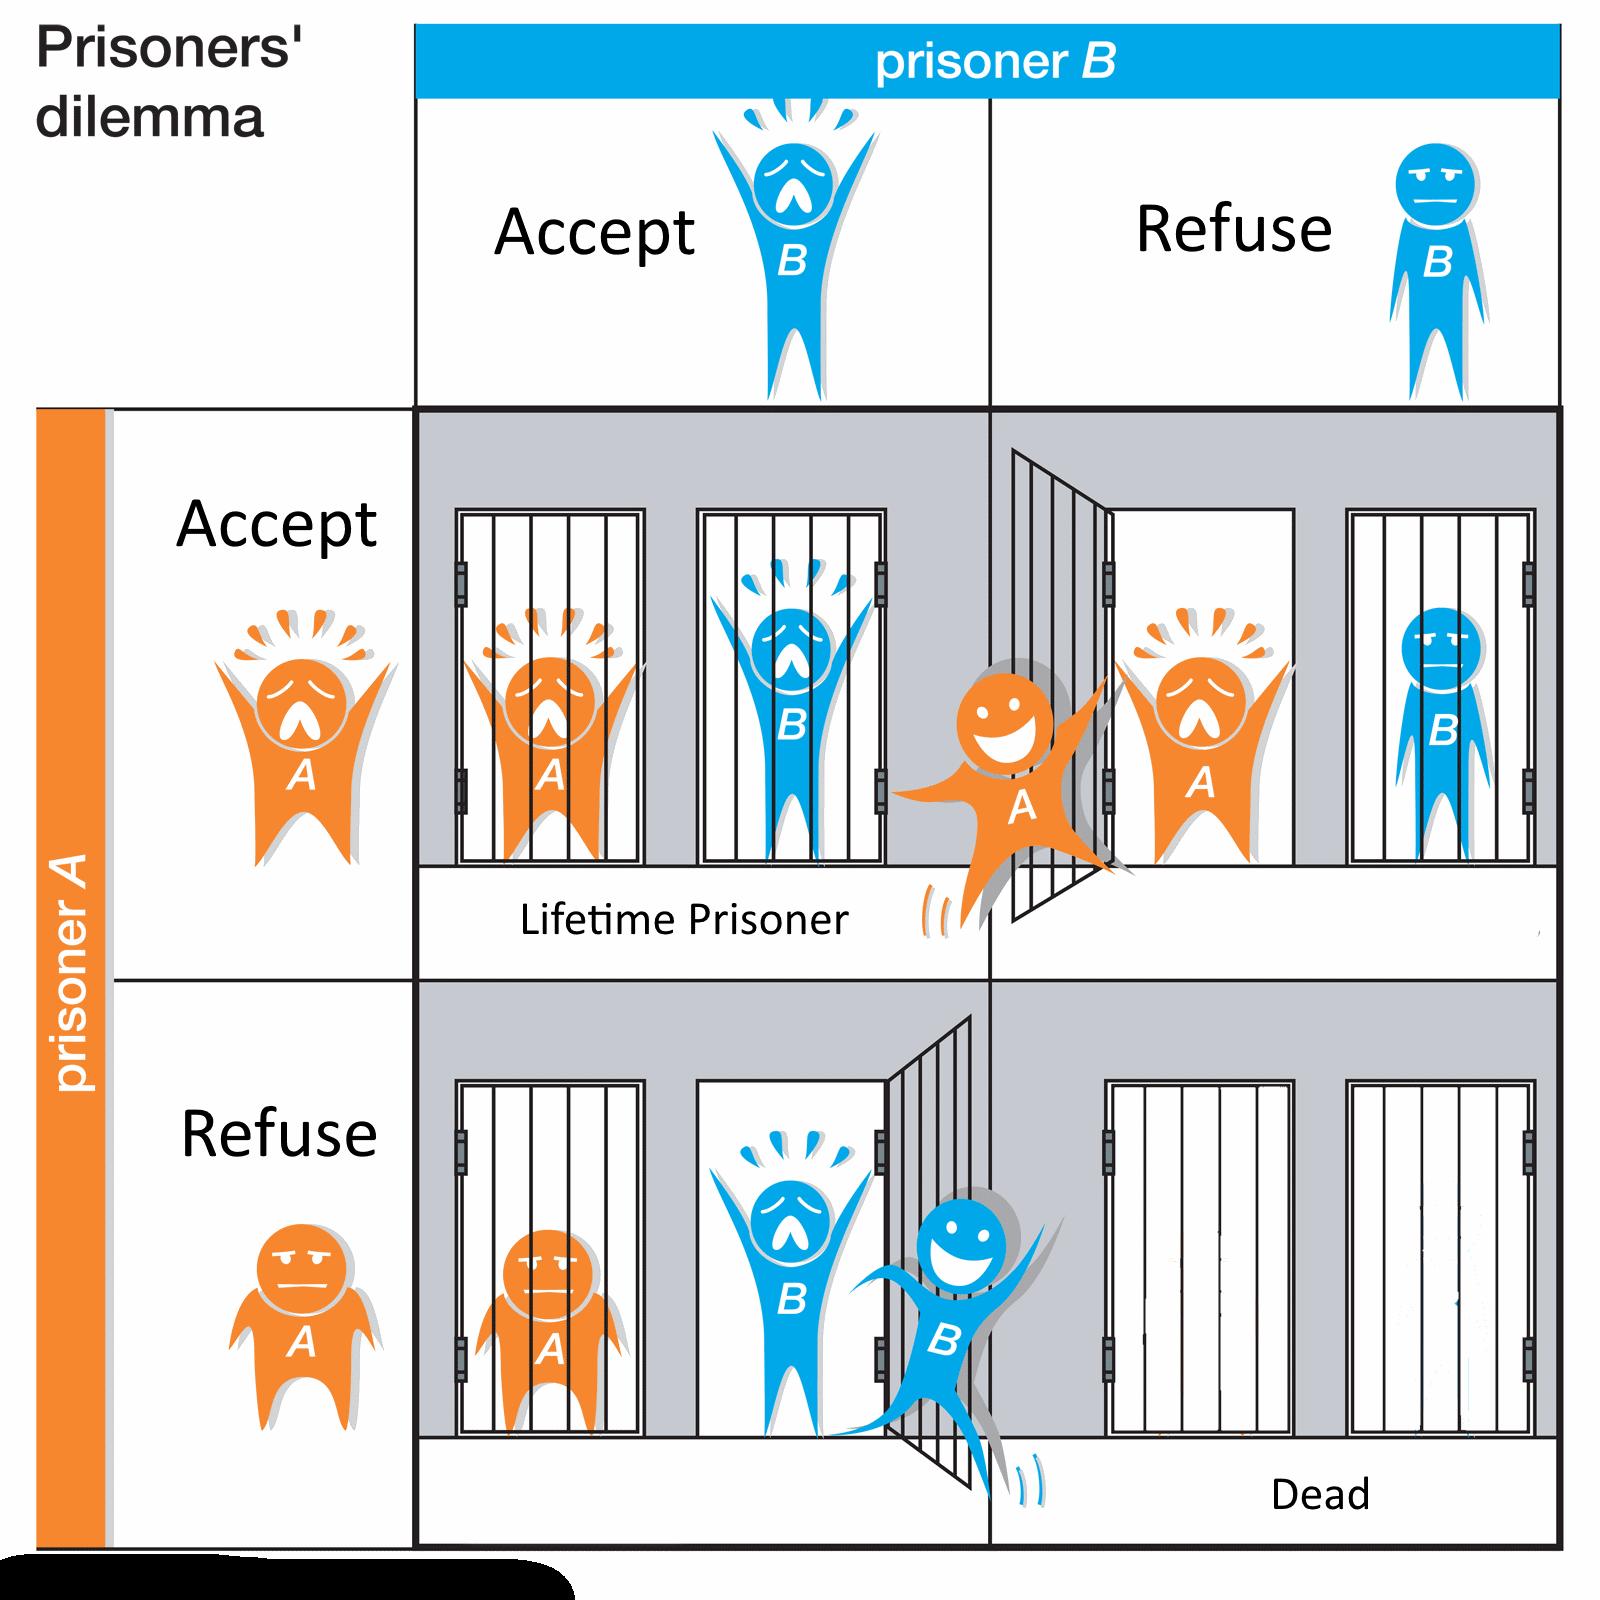 The Prisoners Dilemma >> Goodrich Petroleum: A Prisoner's Dilemma - Goodrich Petroleum Corp. (NYSEMKT:GDP) | Seeking Alpha